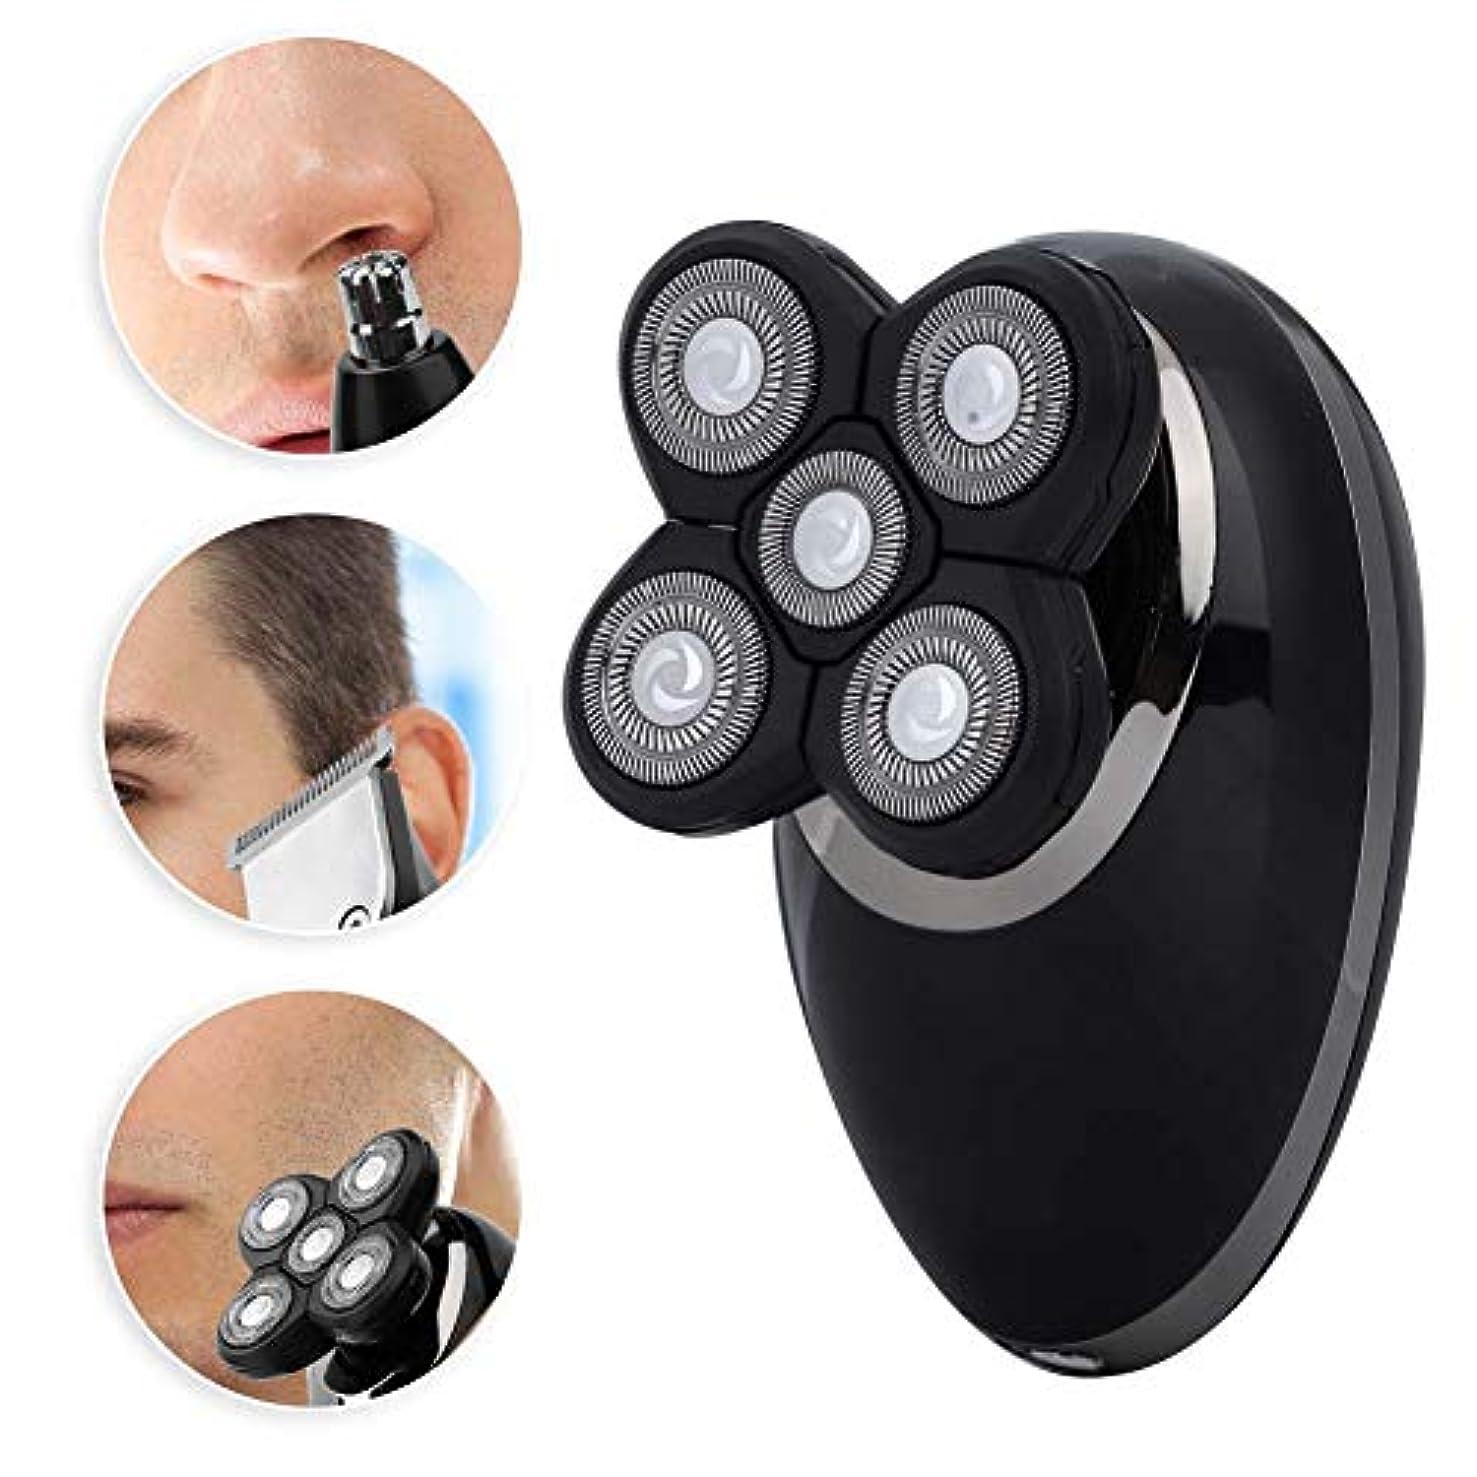 持っているアラームきらきら電気シェーバー3-1 - フローティング洗える鼻毛トリマー脱毛ツール